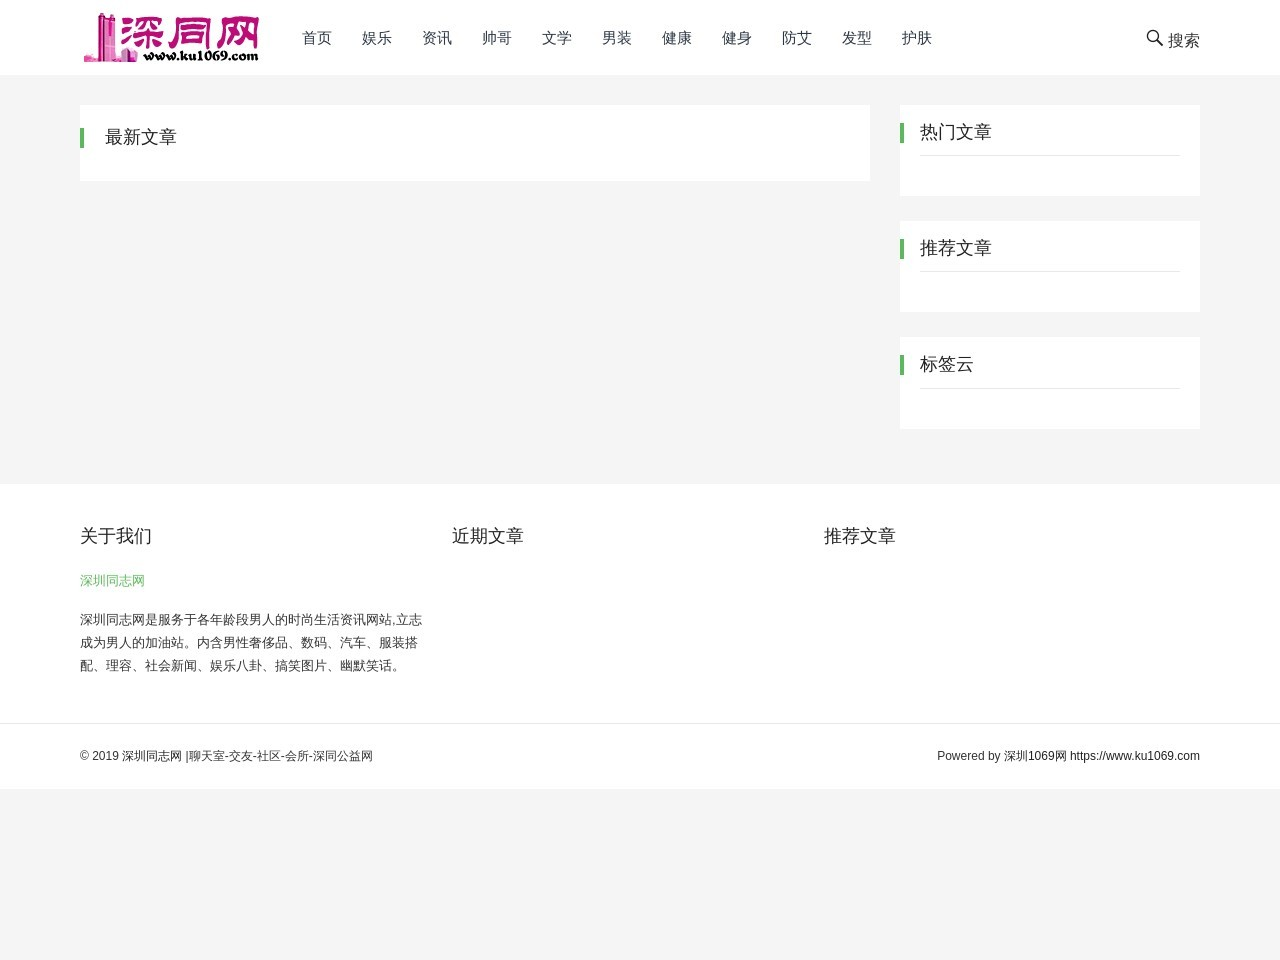 深圳同志网 _聊天室(www.ku1069.com)